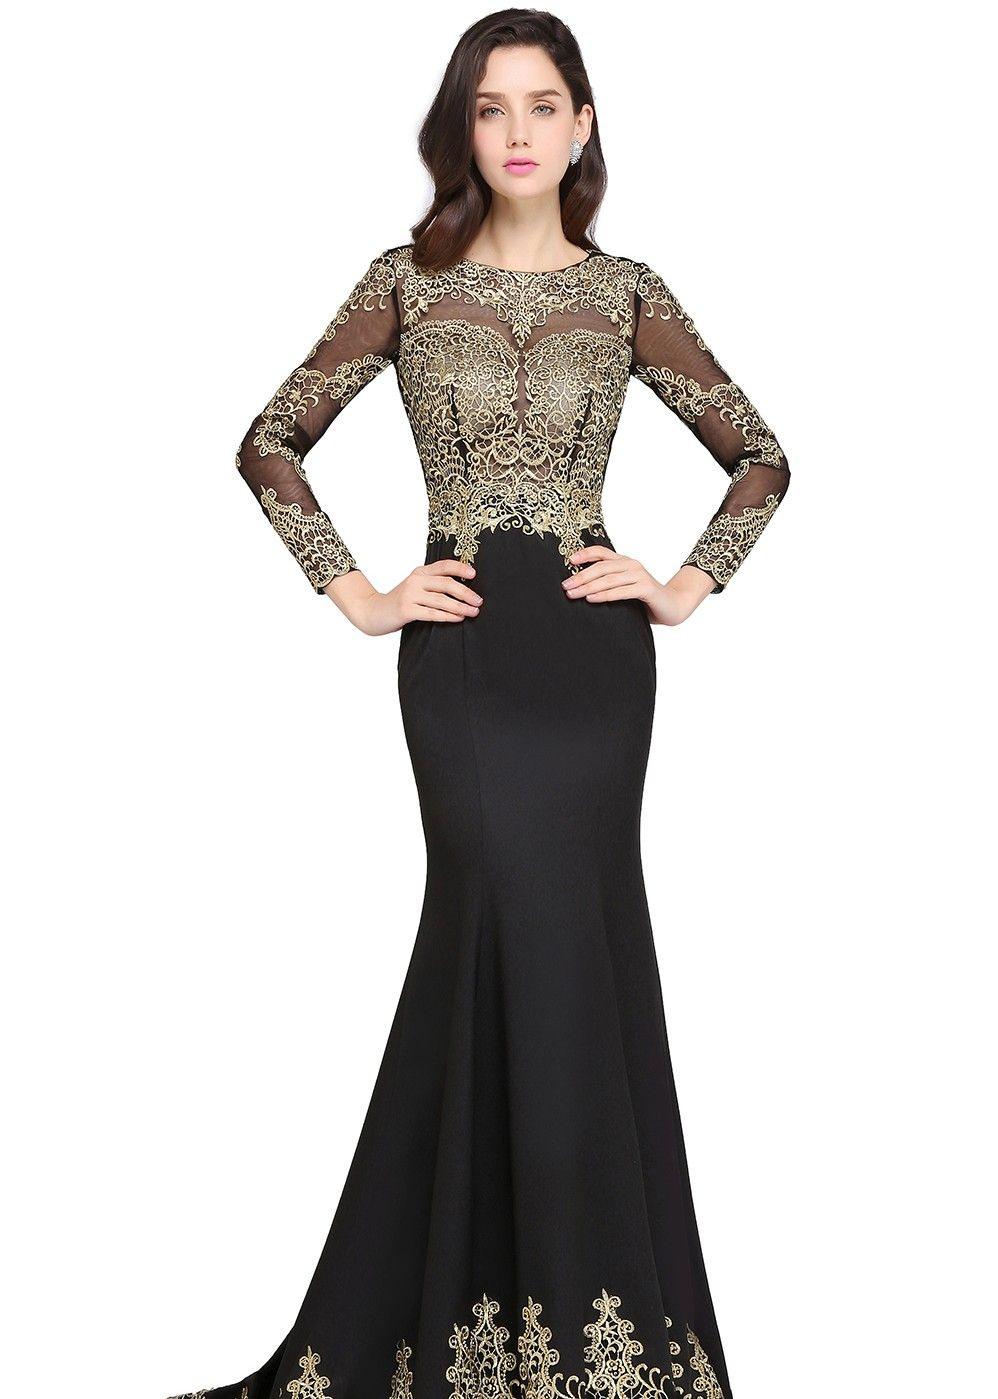 Formal Coolste Abendkleider Für X Figur SpezialgebietDesigner Spektakulär Abendkleider Für X Figur Boutique